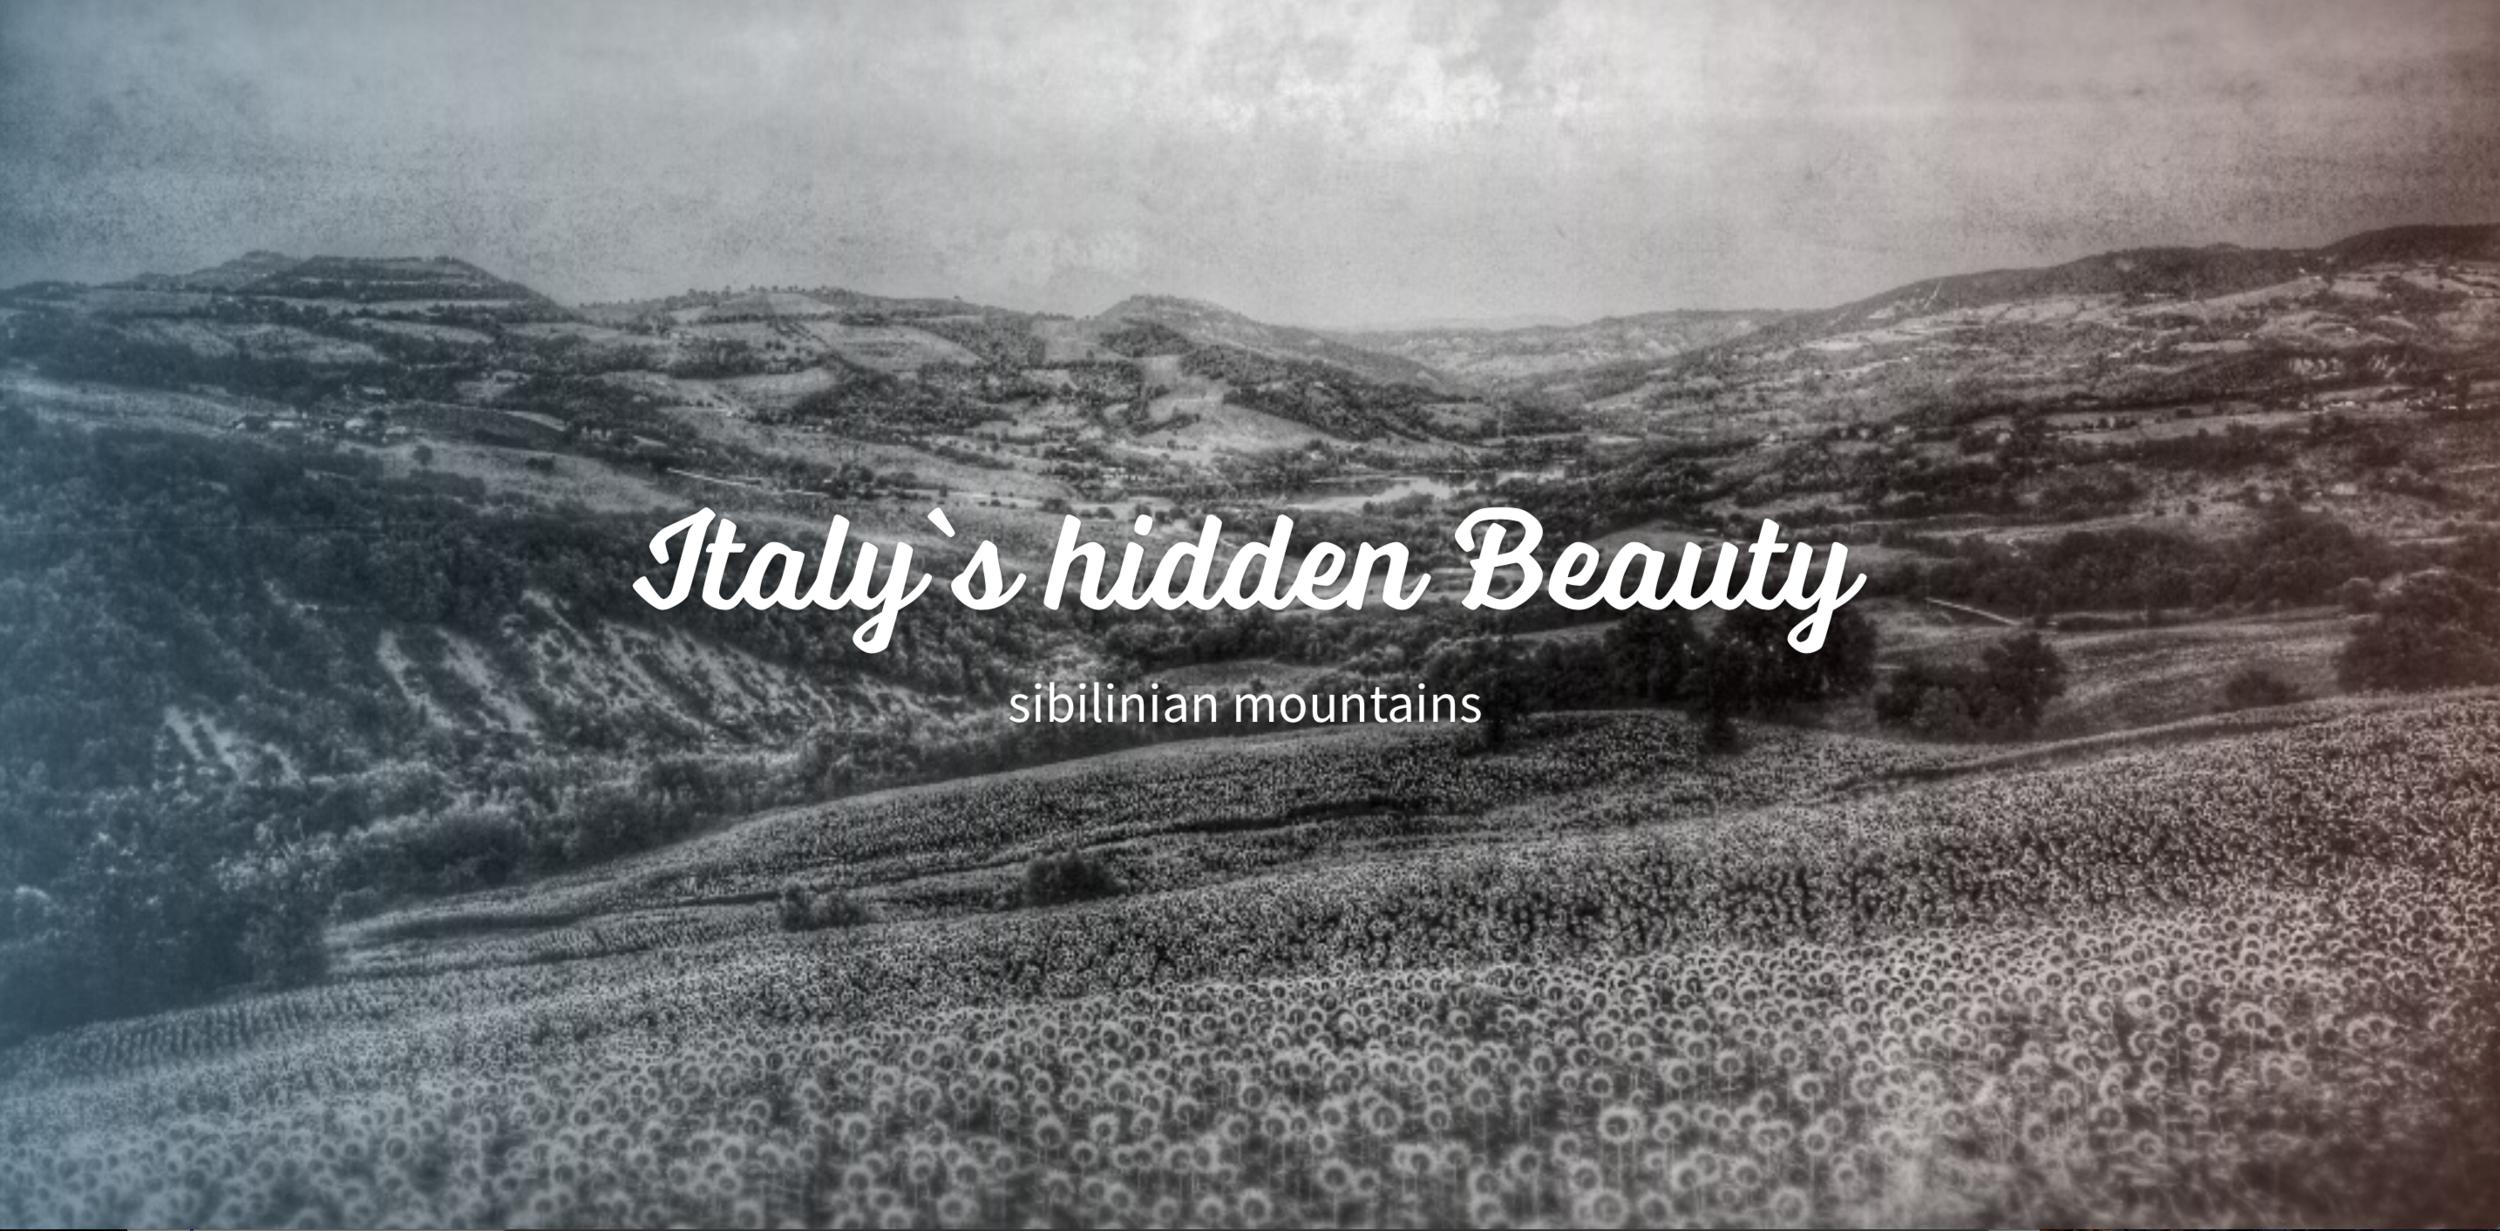 SIBELINISCHE BERGE - Italy`s Hidden Beauty